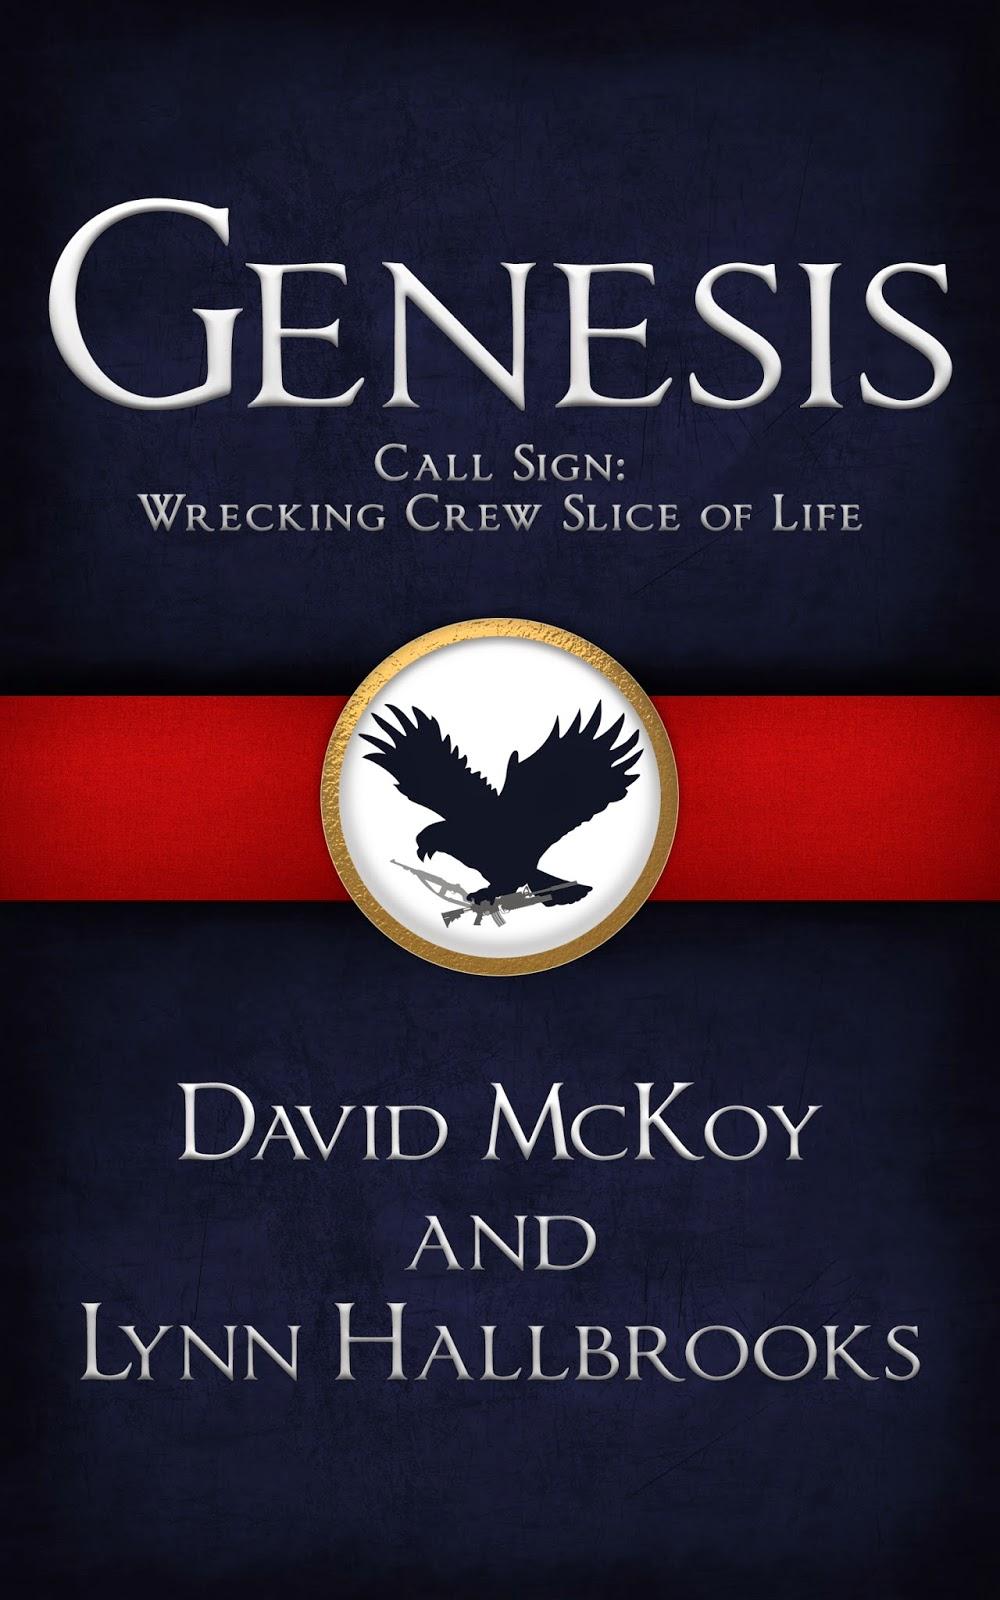 Genesis CSWCSOL